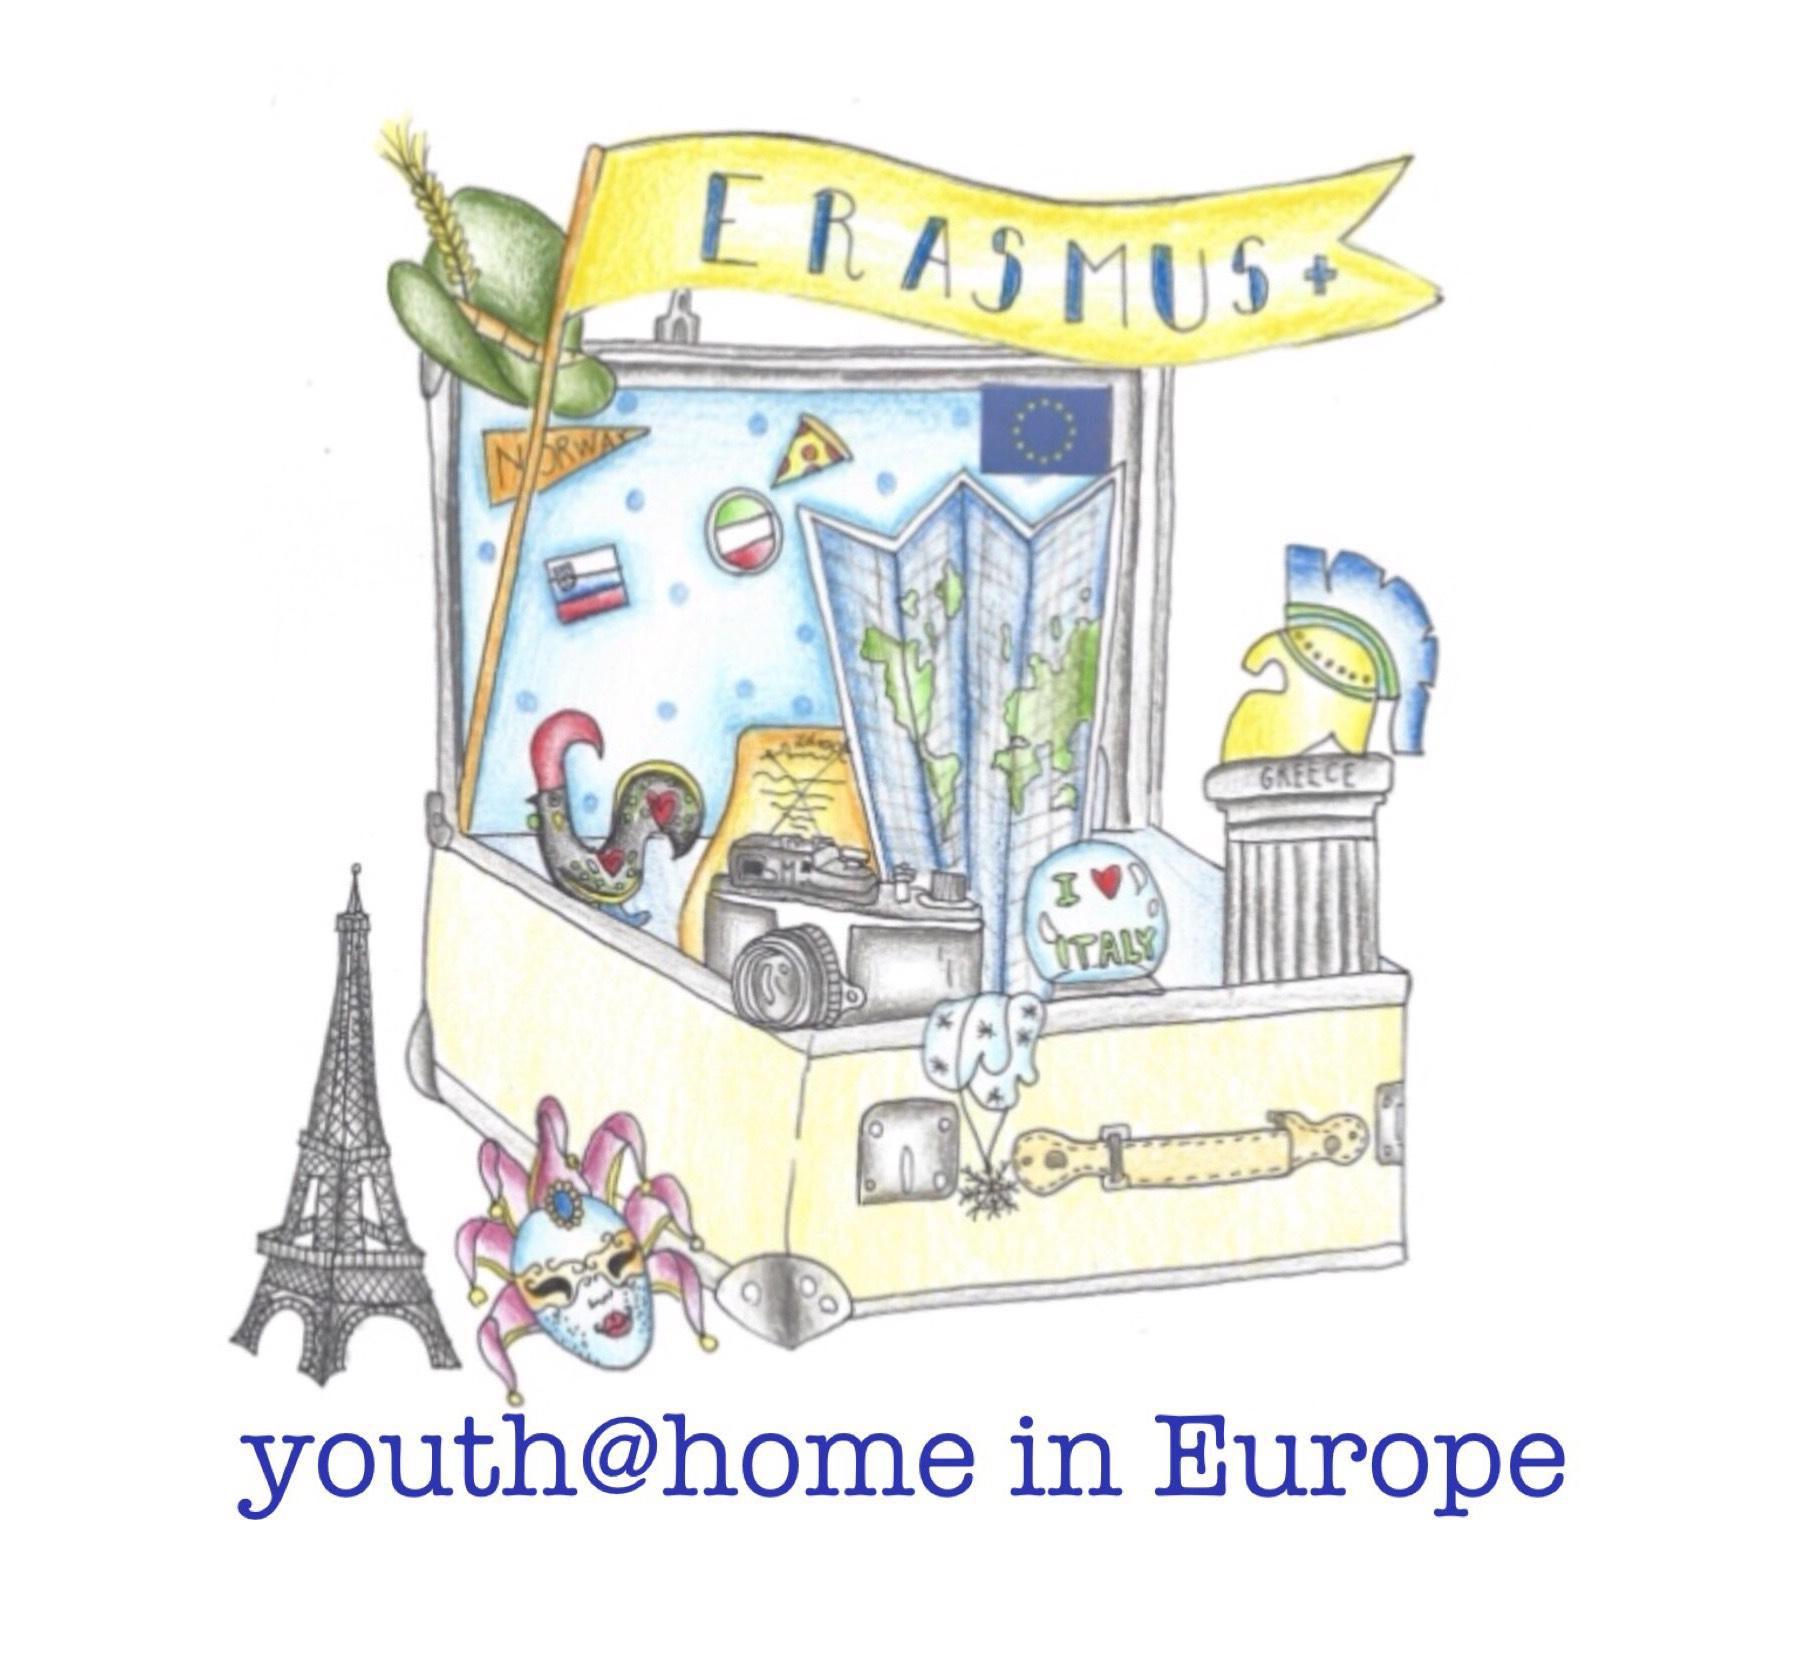 Erasmus HP